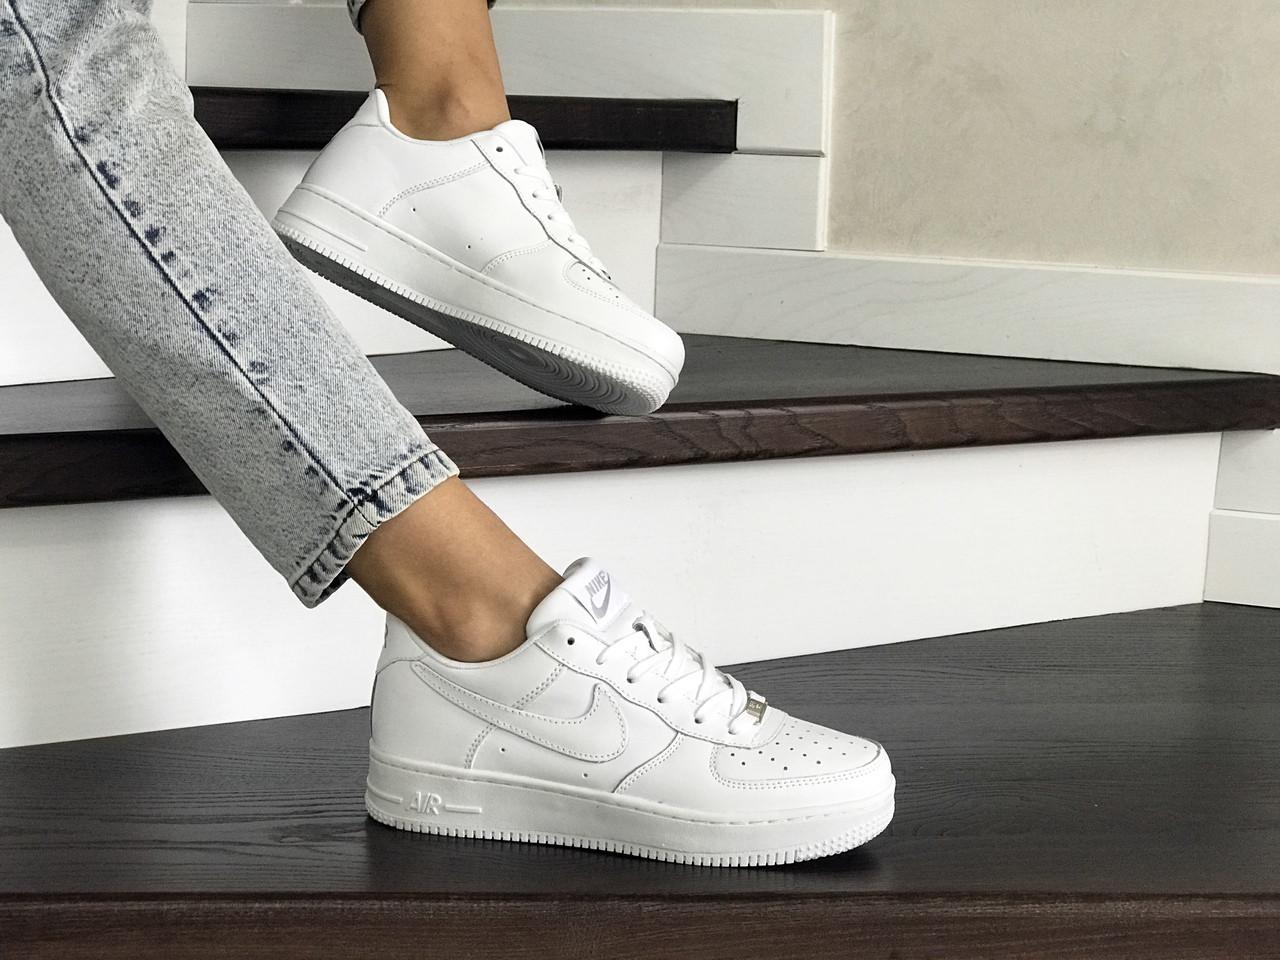 Кроссовки кеды женские найк аир форс демисезонные белые (реплика) Nike Air Force White